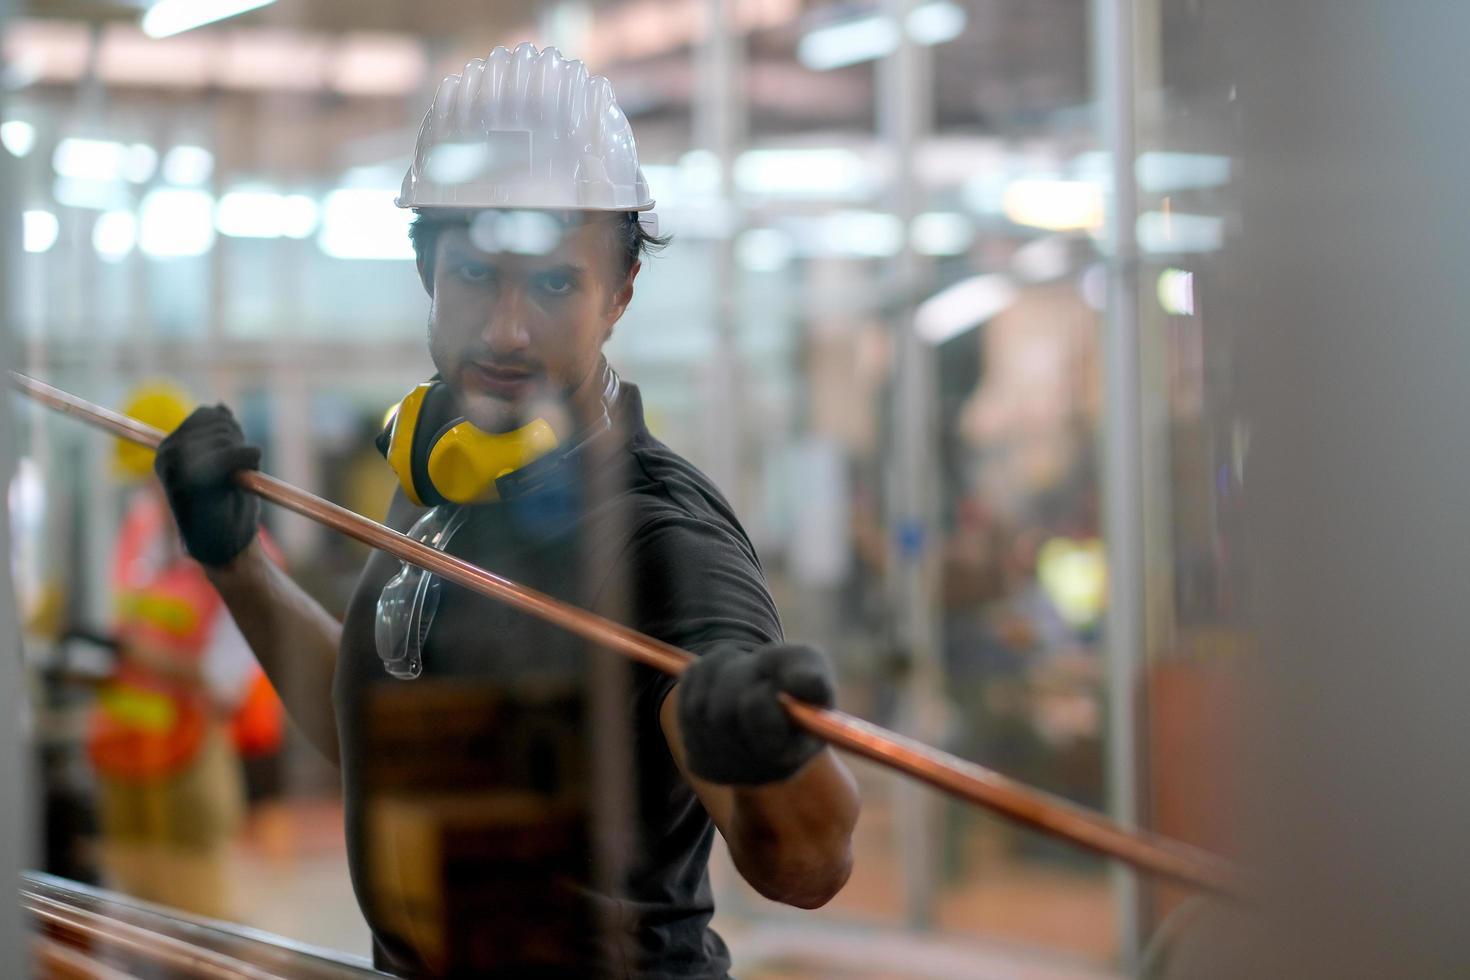 Técnico sosteniendo una tubería de cobre en el lugar de trabajo de la fábrica foto